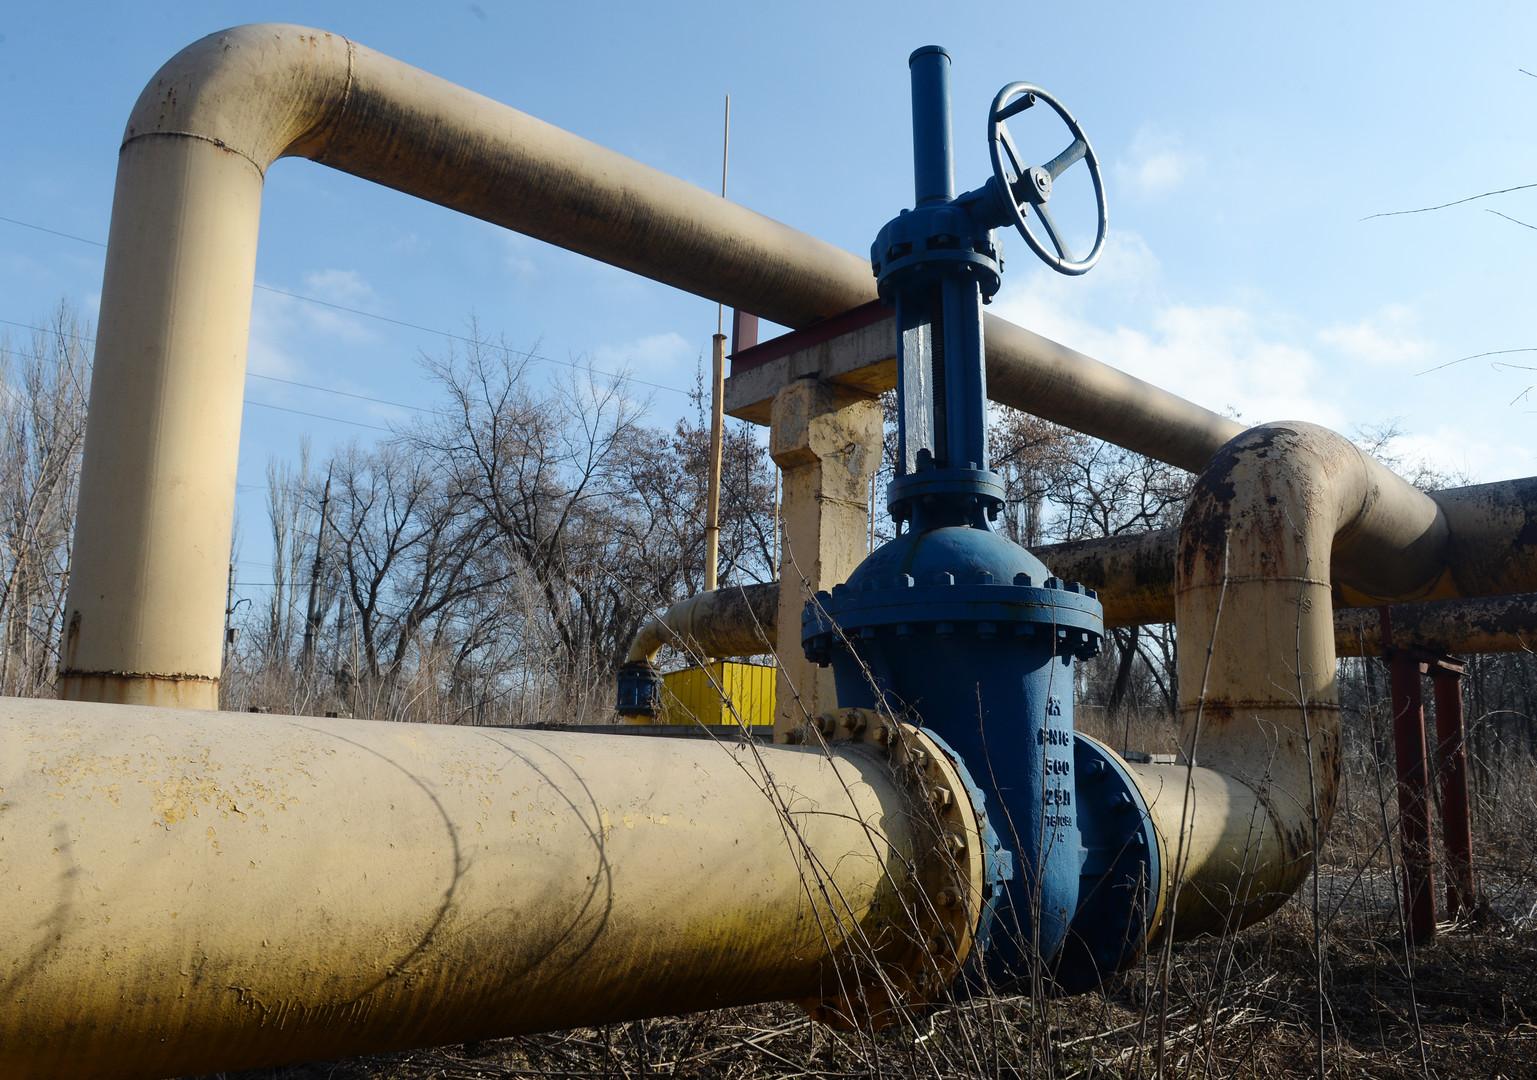 Трансфер или деньги: Минэнерго введёт плату за заявленный объём транспортировки газа